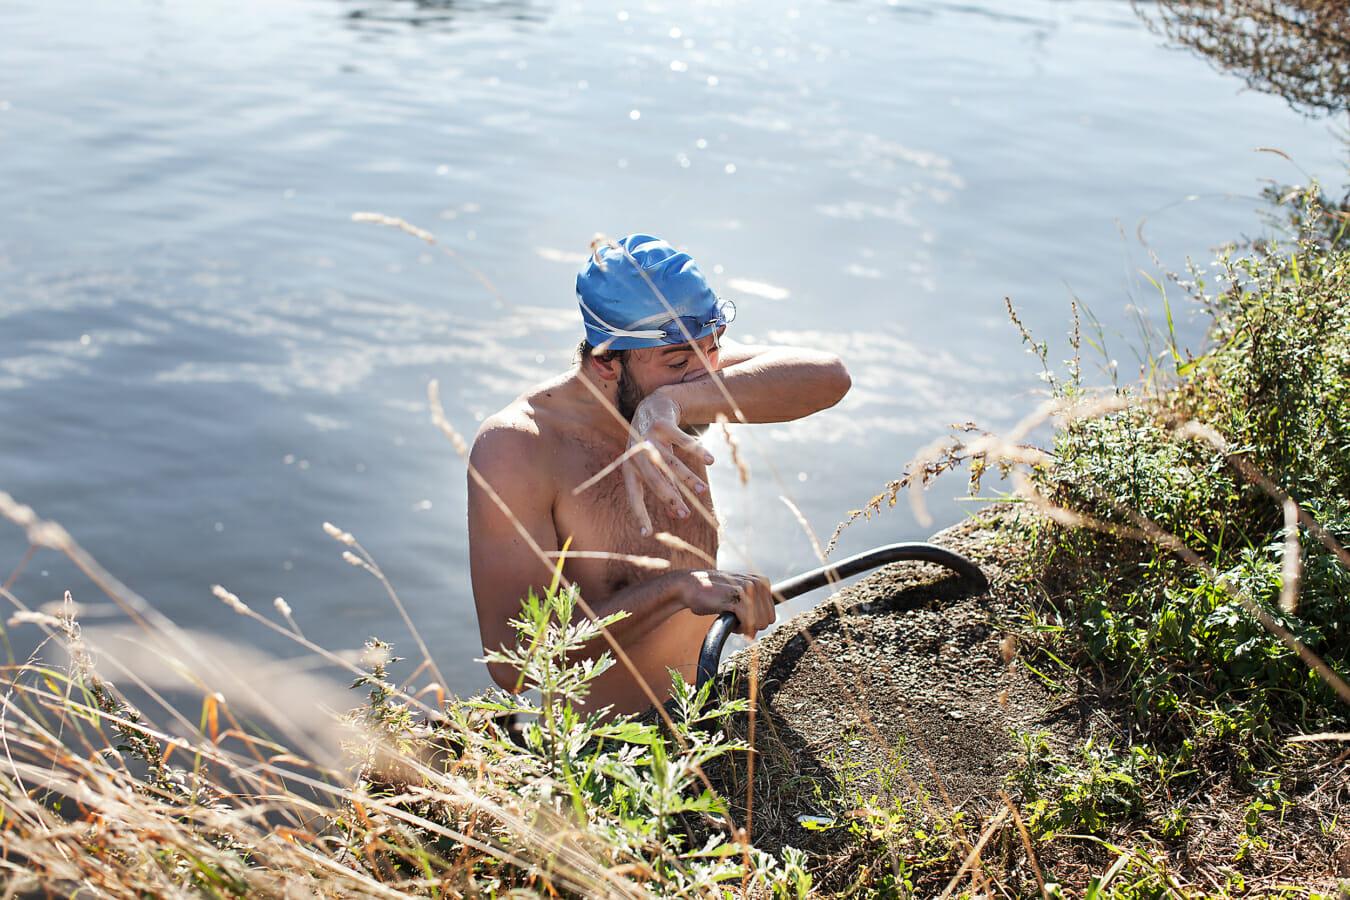 Serie scenes, situaties uit het leven gegrepen, voor de beeldbank van ING, in opdracht van en in samenwerking met bureau Smidswater